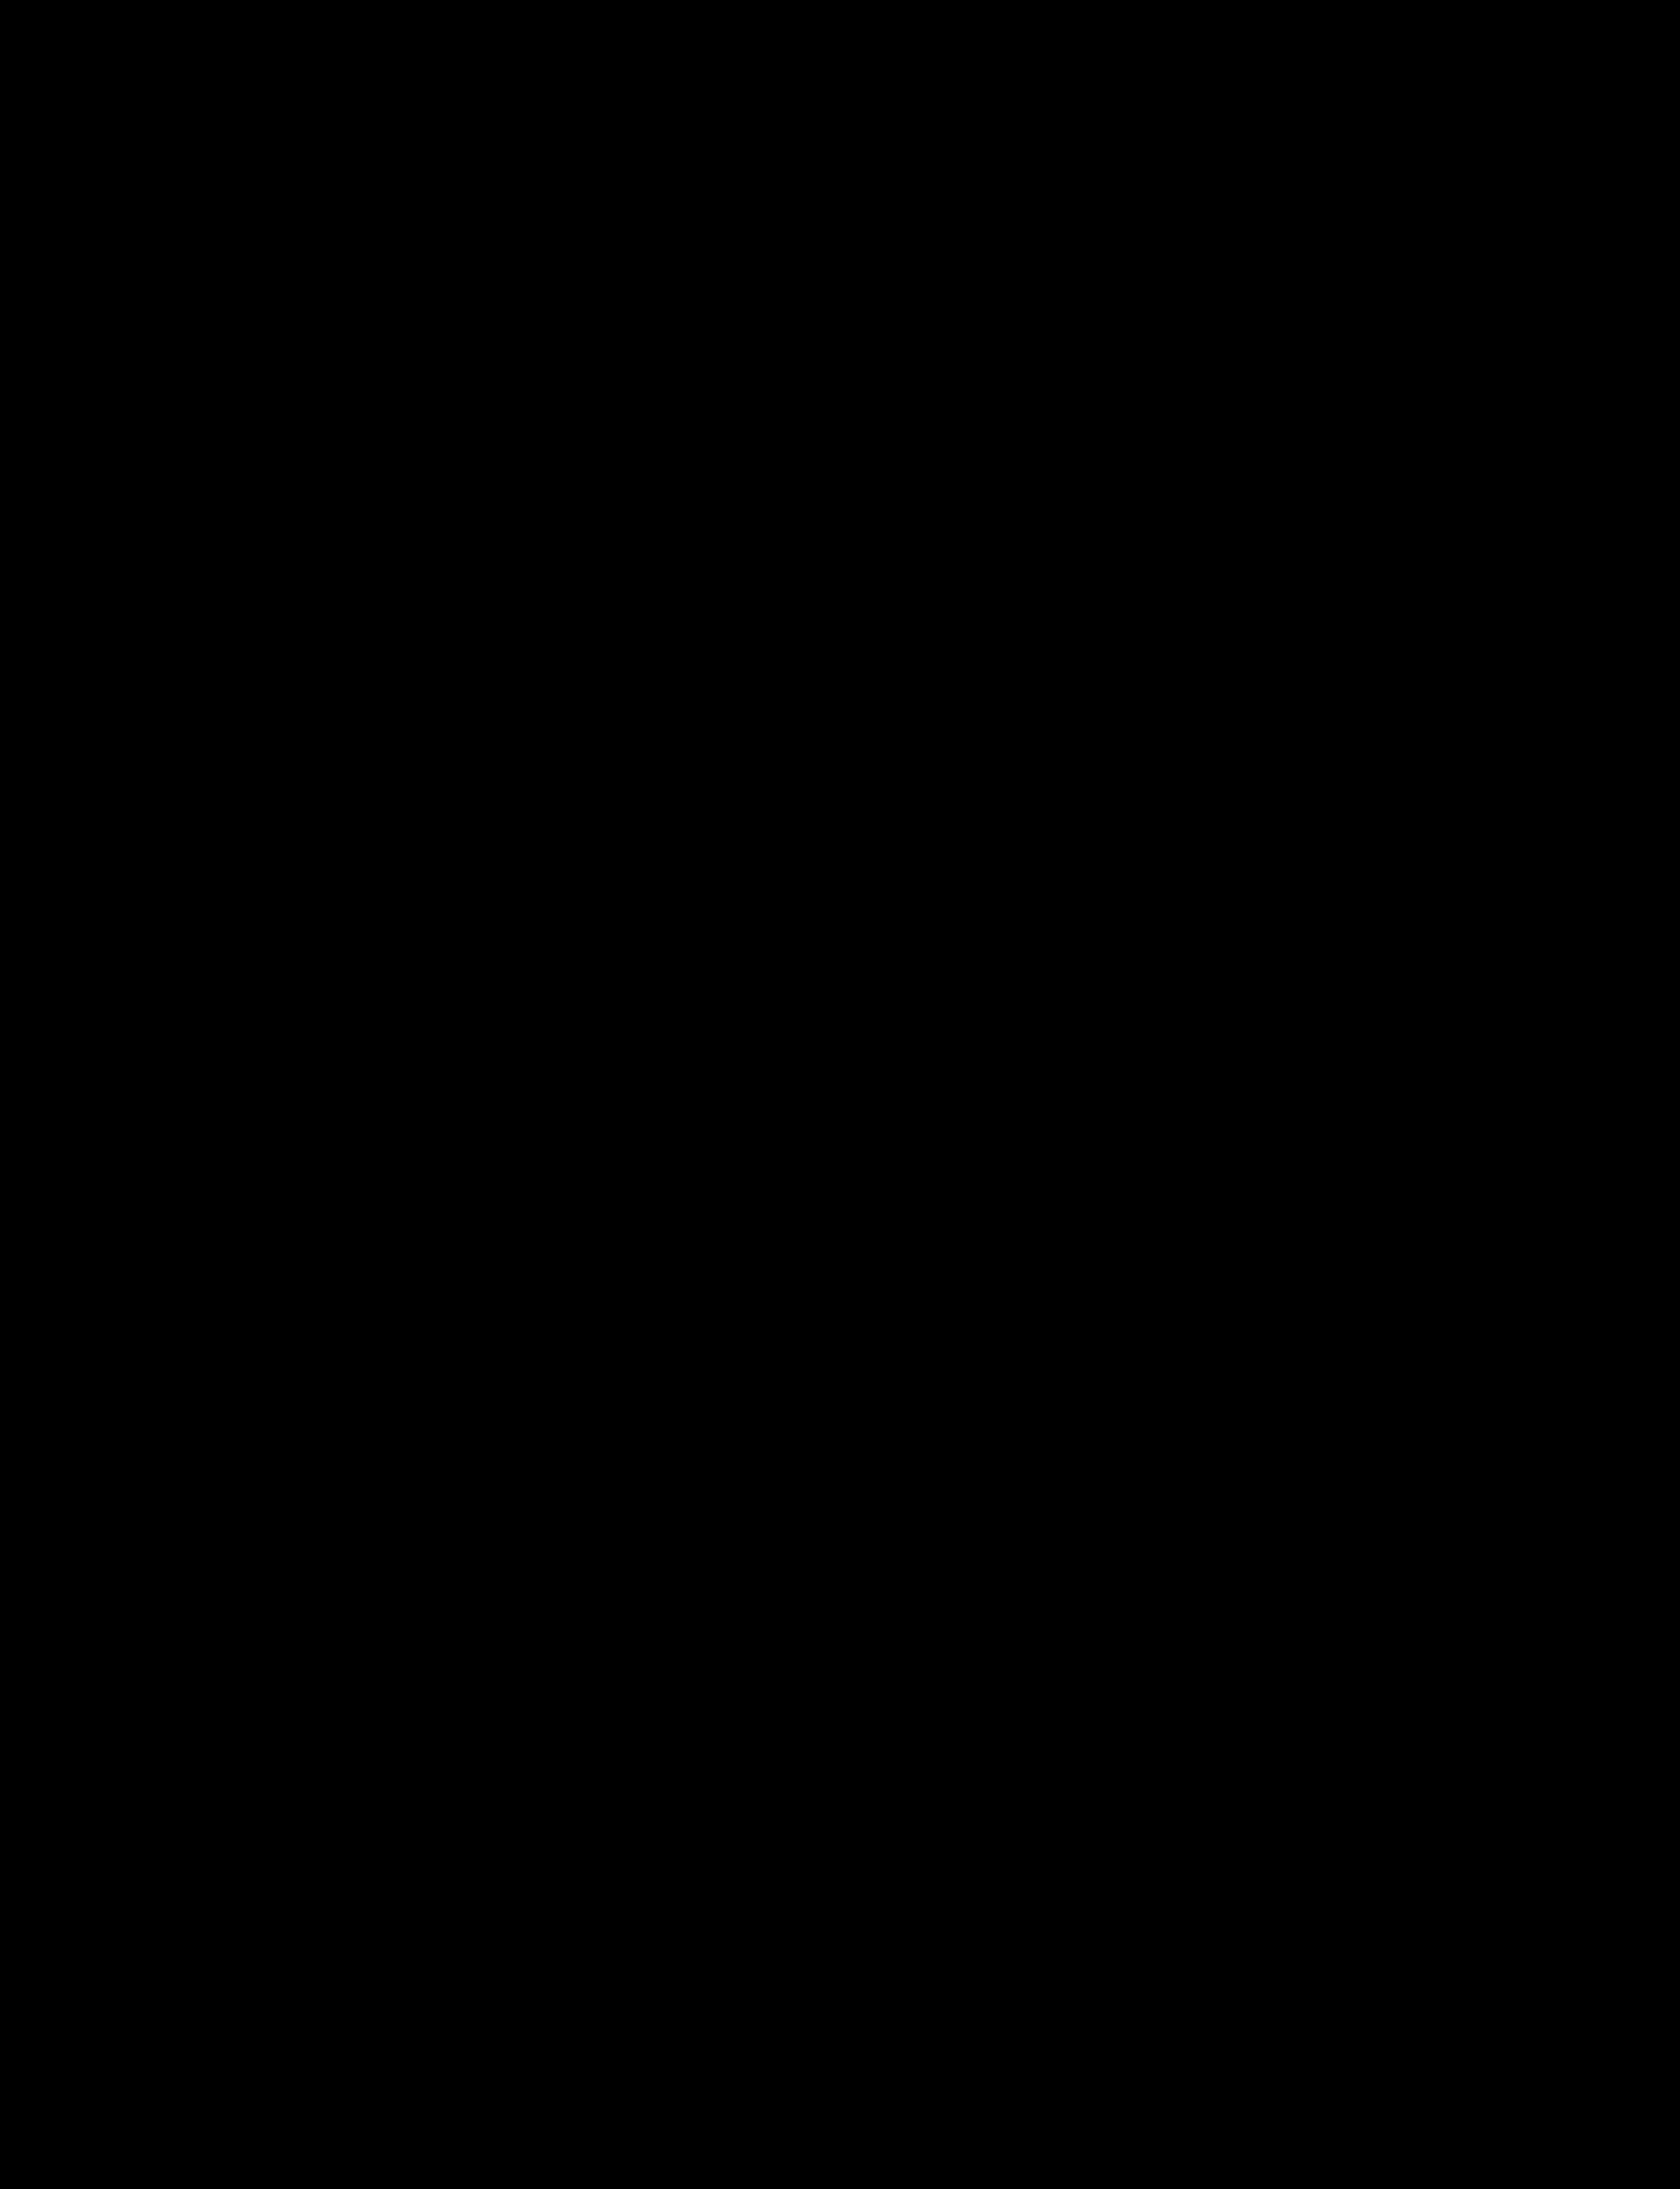 fitnesshub.org